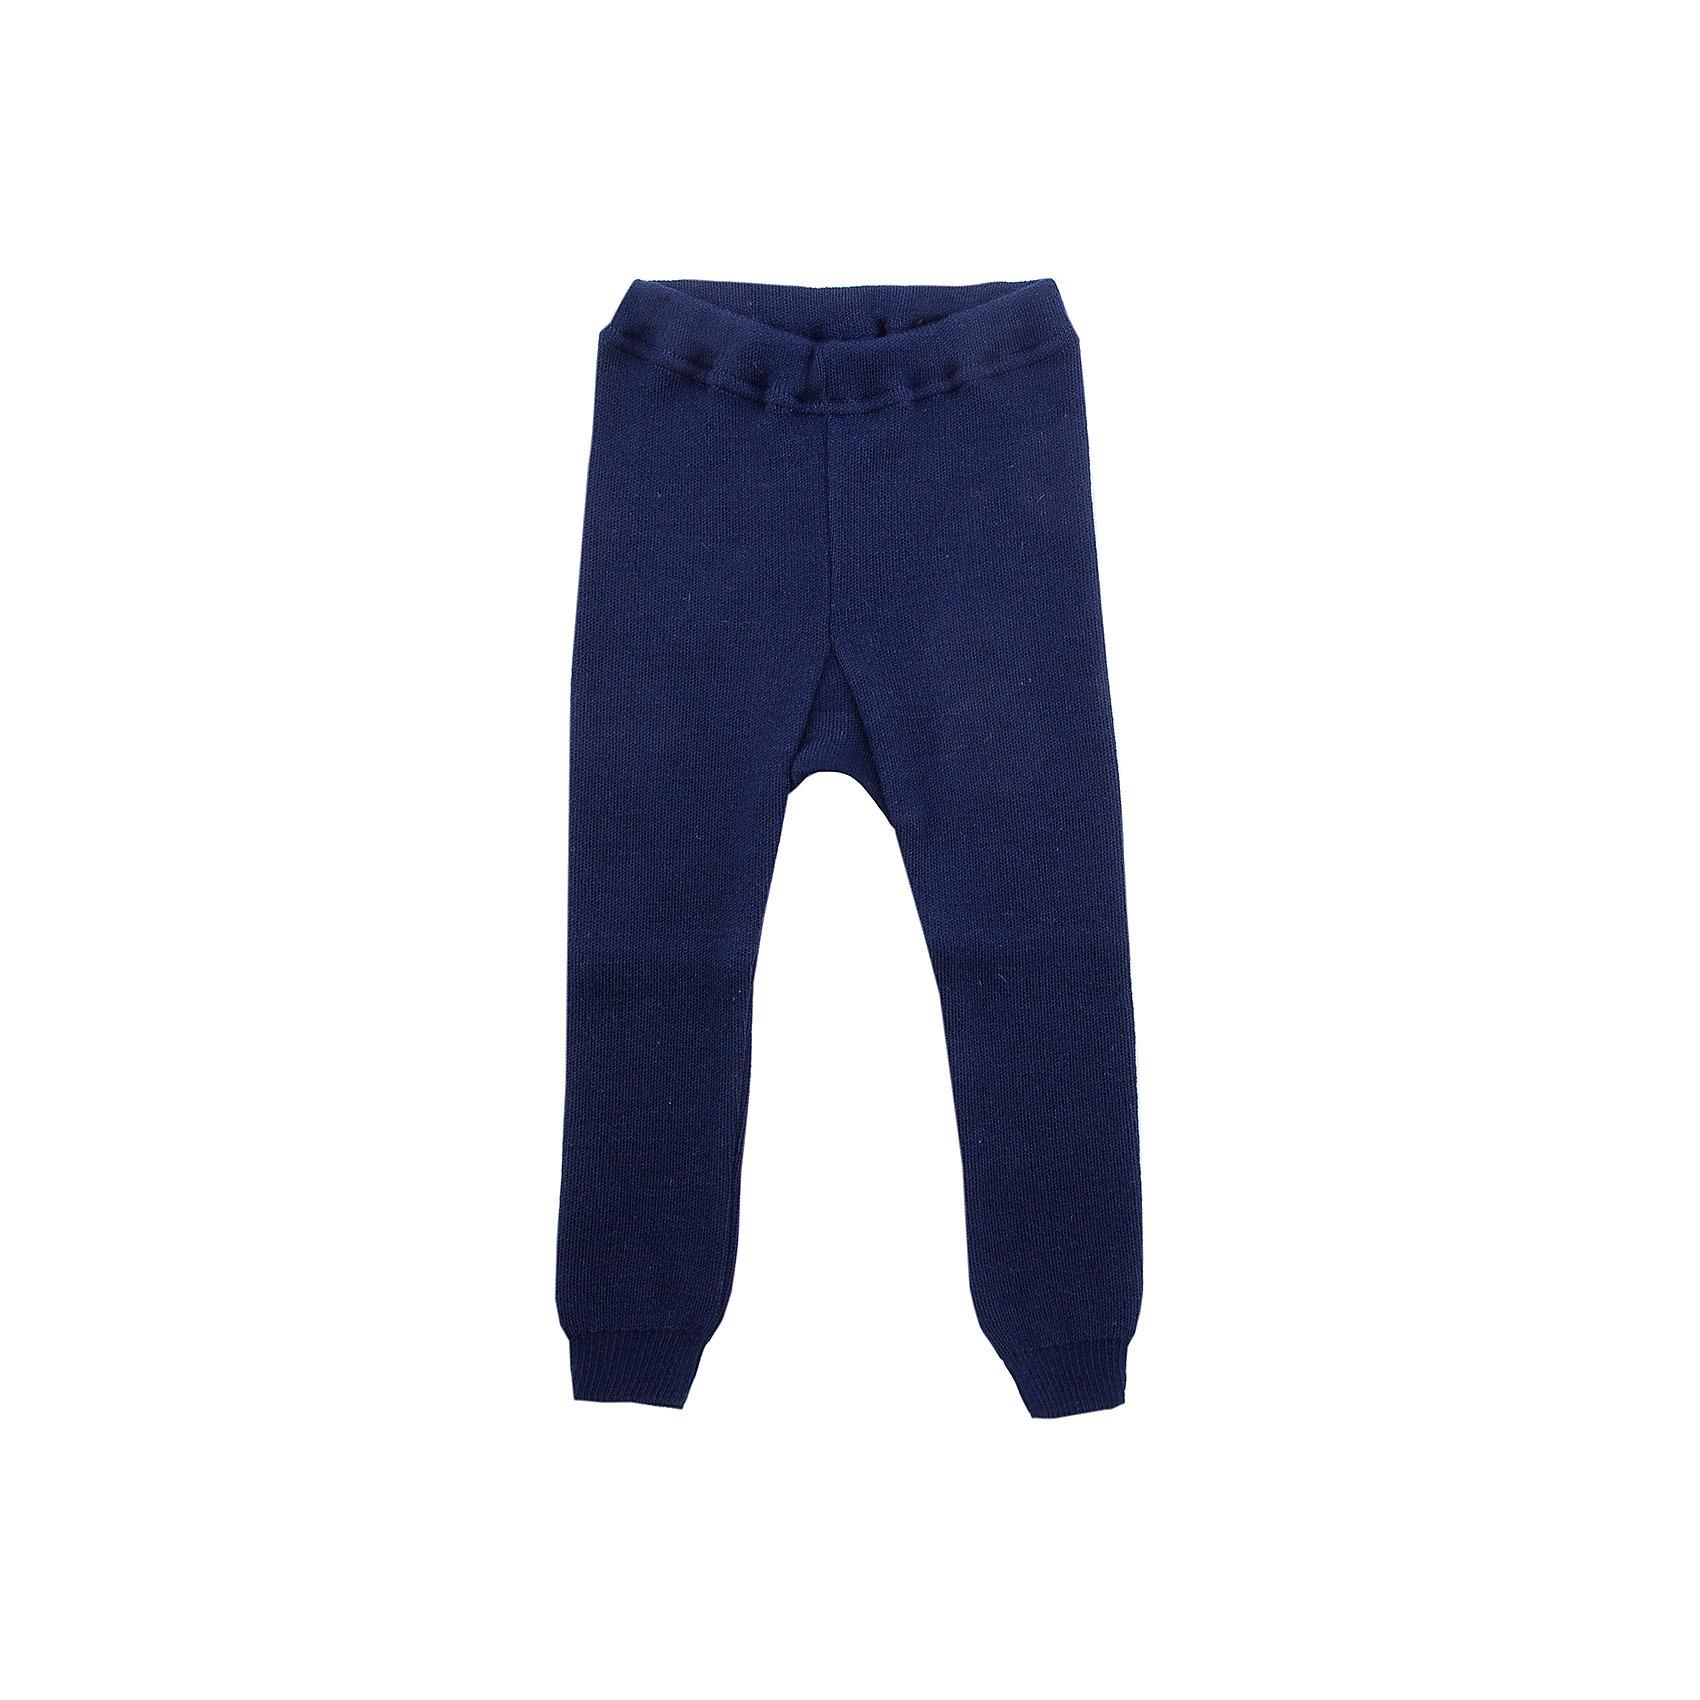 Рейтузы  Гладь  Уси-Пуси для мальчикаПолзунки и штанишки<br>Характеристики товара:<br><br>• цвет: синие;<br>• состав ткани: 50% шерсть, 50% пан;<br>• пояс на внутренней резинке;<br>• низ штанишек на манжете;<br>• высокая посадка;<br>• особенности модели: вязаная, однотонная;<br>• сезон: зима, весна - осень;<br>• страна бренда: Россия;<br>• страна изготовитель: Россия.<br><br>Рейтузы «Гладь» имеют высокую посадку, нежную резинку, которая надежно закрепит штанишки на малыше,низ штанишек на манжете.<br><br>Наличие шерсти в составе ткани делает рейтузы очень теплыми, поэтому даже в холодное время года ребенку в них будет комфортно.<br><br>Вязаные рейтузы «Гладь» Уси-Пуси можно купить в нашем интернет-магазине.<br><br>Ширина мм: 215<br>Глубина мм: 88<br>Высота мм: 191<br>Вес г: 336<br>Цвет: синий<br>Возраст от месяцев: 60<br>Возраст до месяцев: 72<br>Пол: Мужской<br>Возраст: Детский<br>Размер: 110/116,74/80,68/74,80/86,92/98,98/104<br>SKU: 7029500